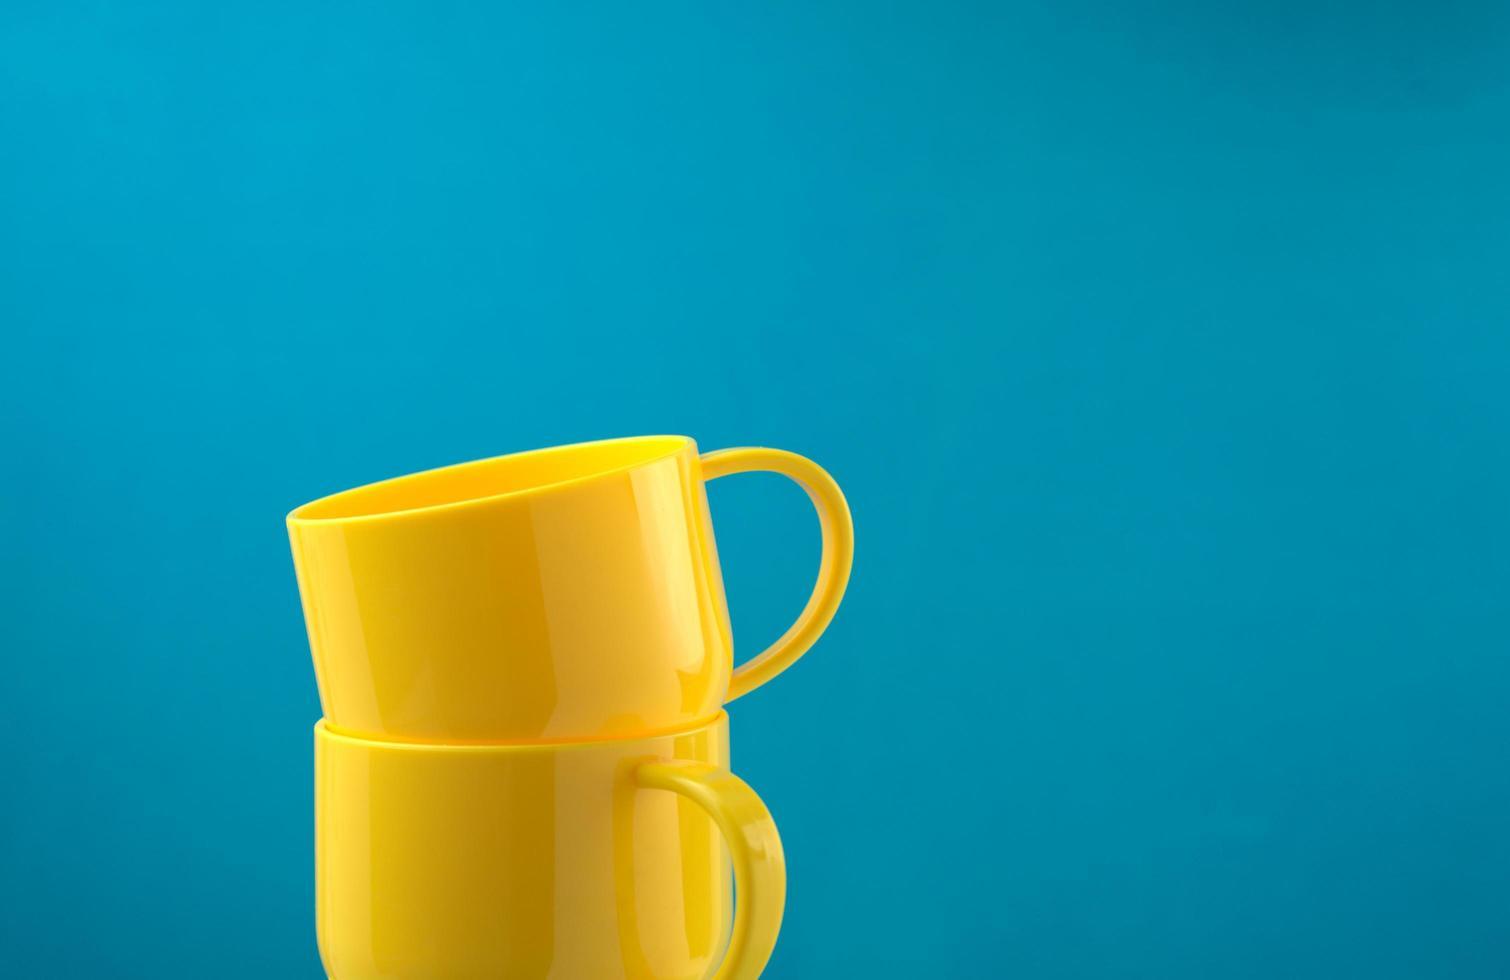 glänzende gelb gefärbte Tassen, die auf blauem Hintergrund stapeln foto